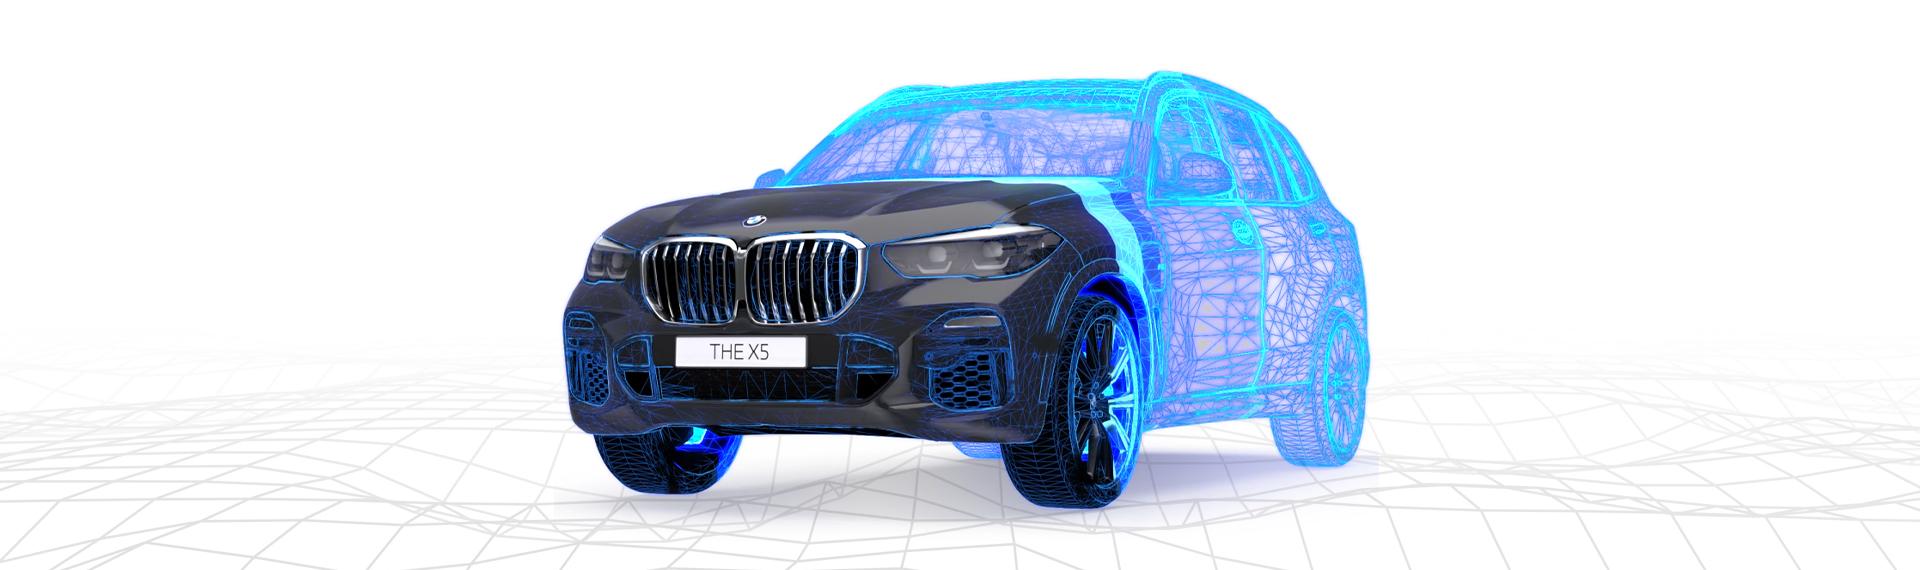 BMW X5 Virtual Viewer 3/4 front view black